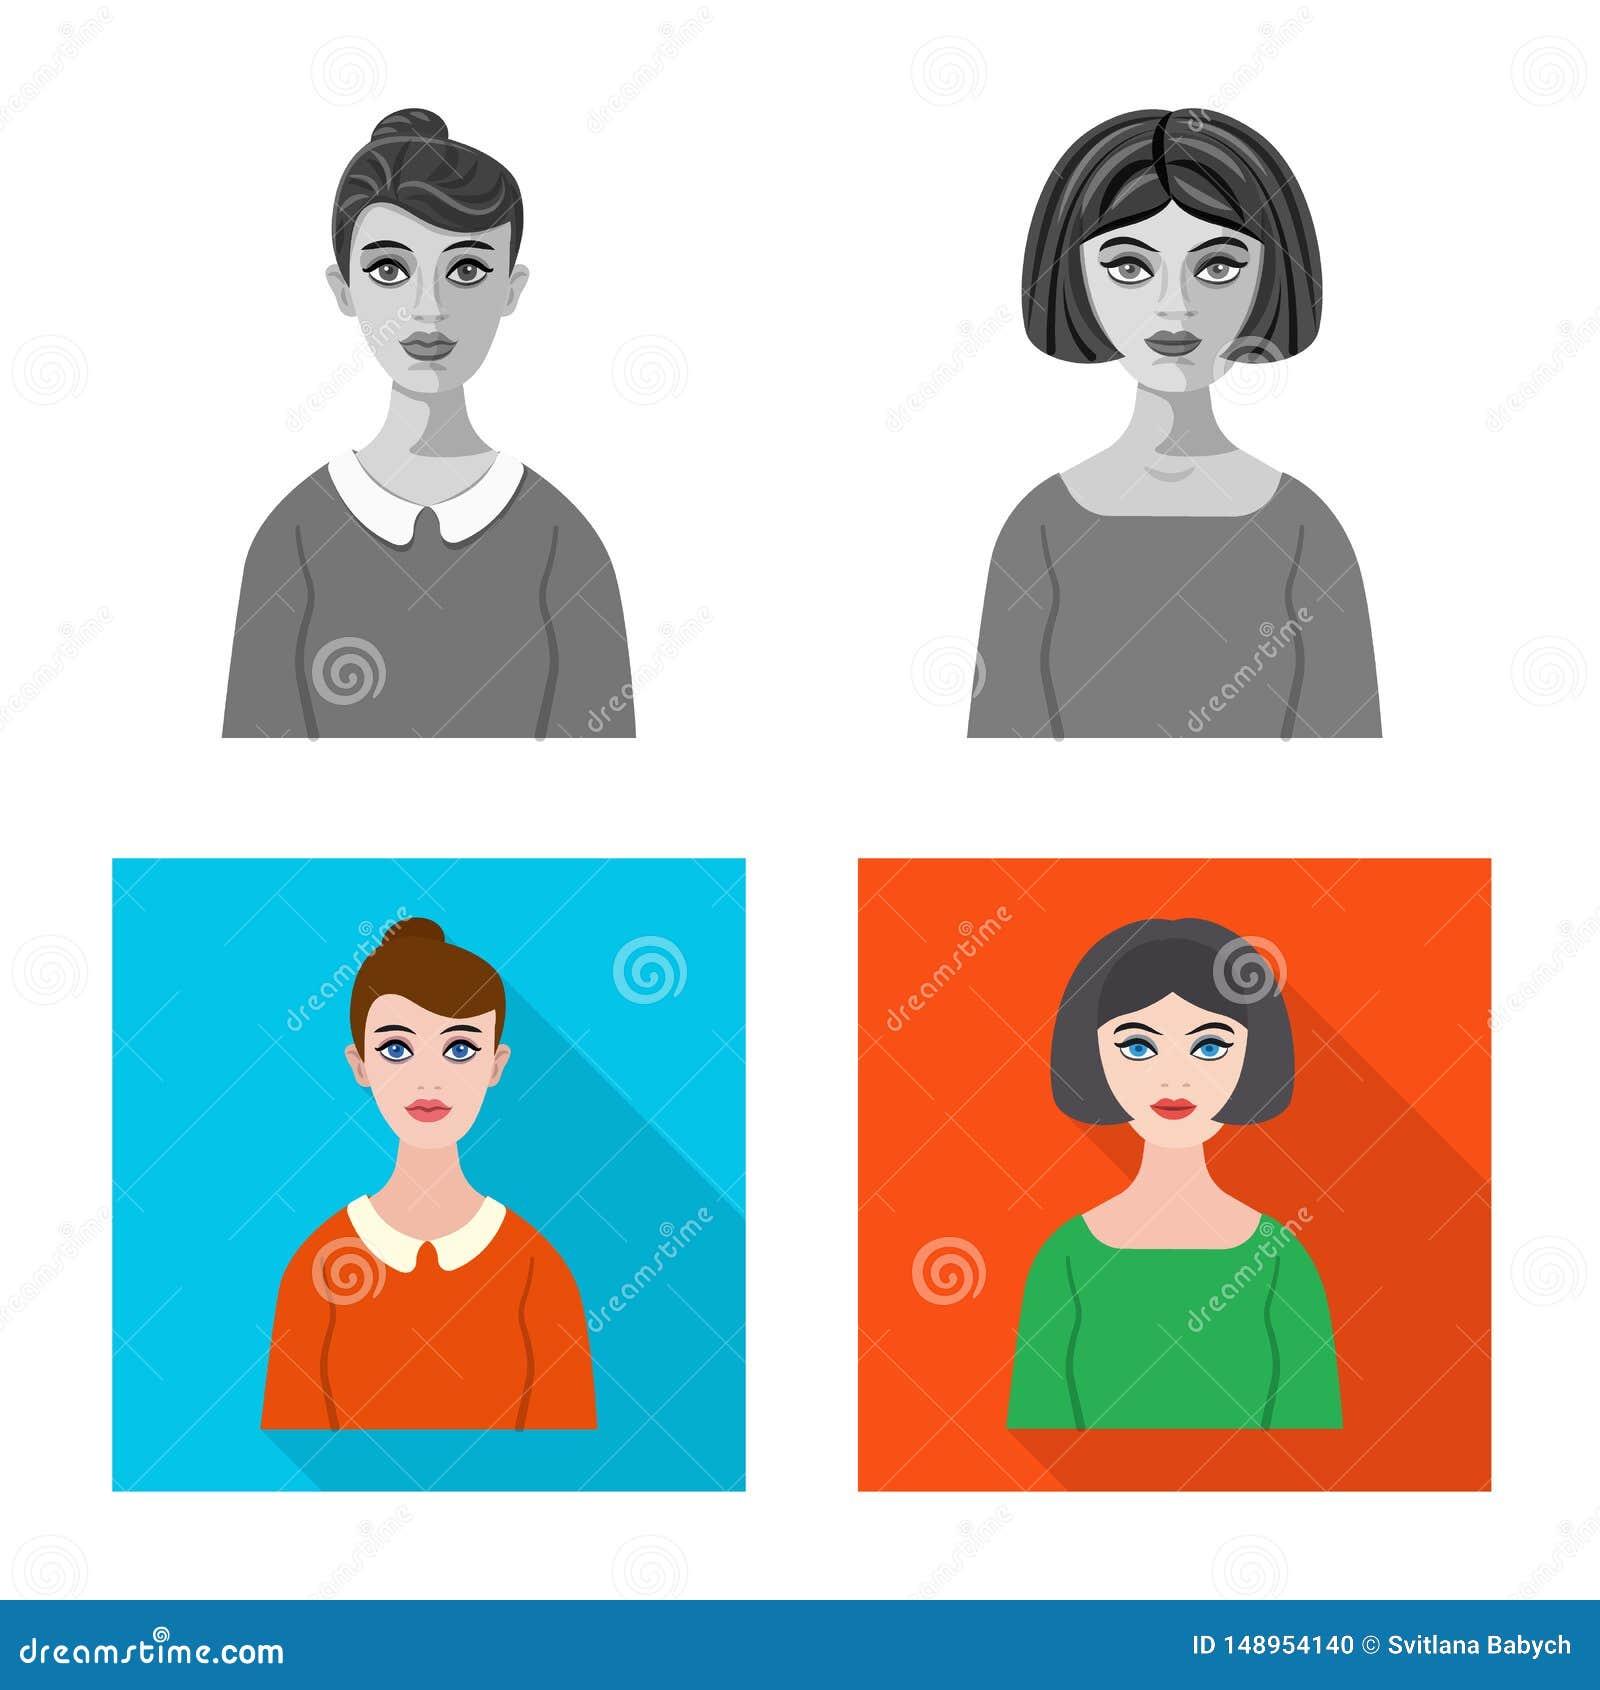 Vektorillustration av frisyr- och yrketecknet Samling av illustrationen f?r frisyr- och teckenmaterielvektor